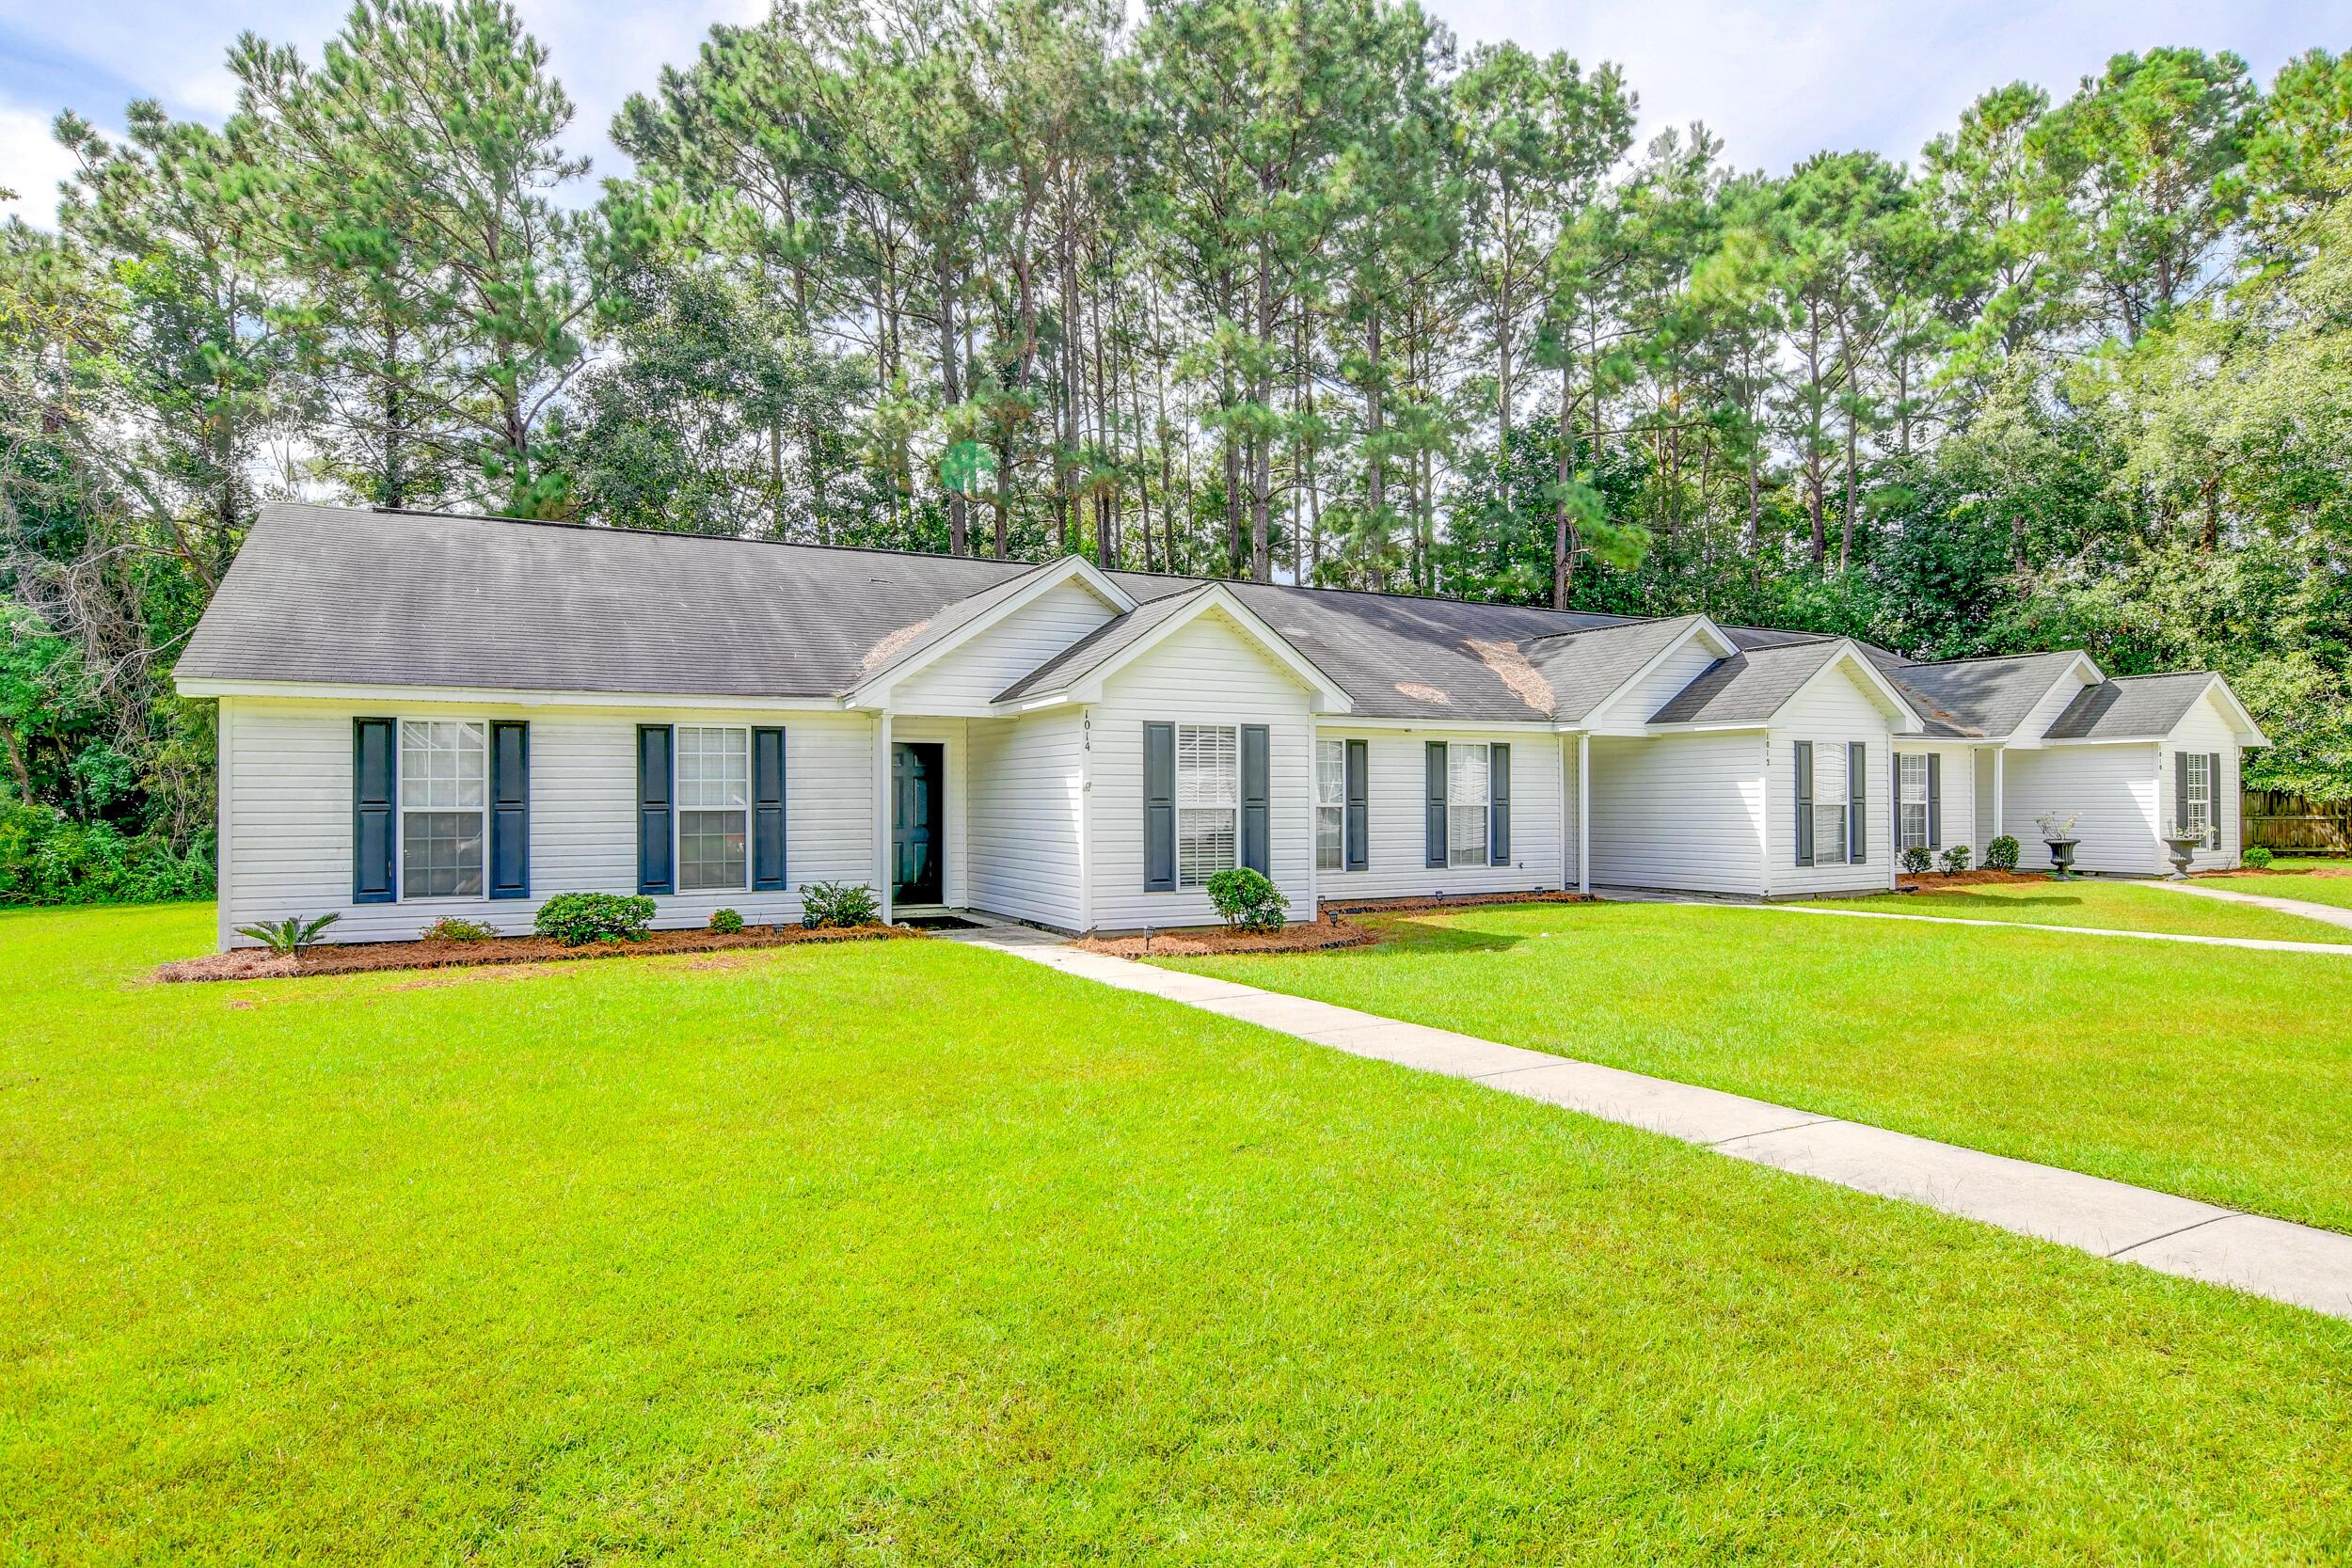 Crowfield Plantation Homes For Sale - 1010 Longview, Goose Creek, SC - 26